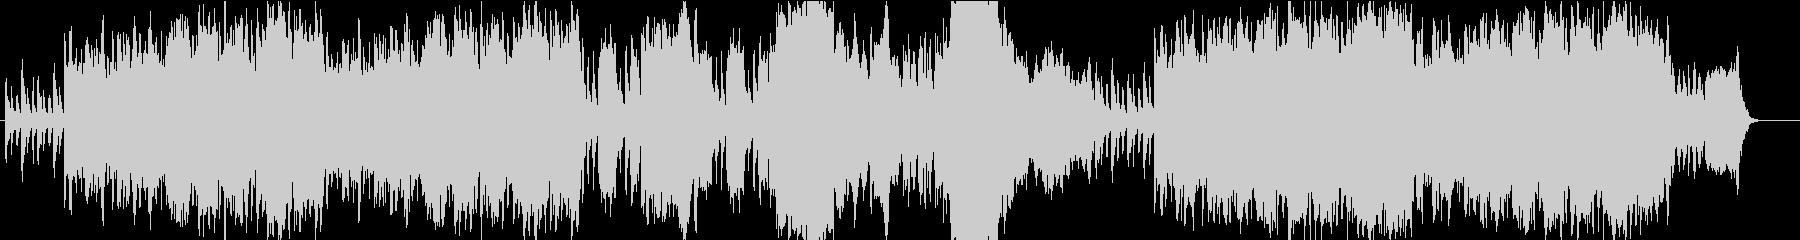 朗らかで牧歌的なオーケストラサウンドの未再生の波形